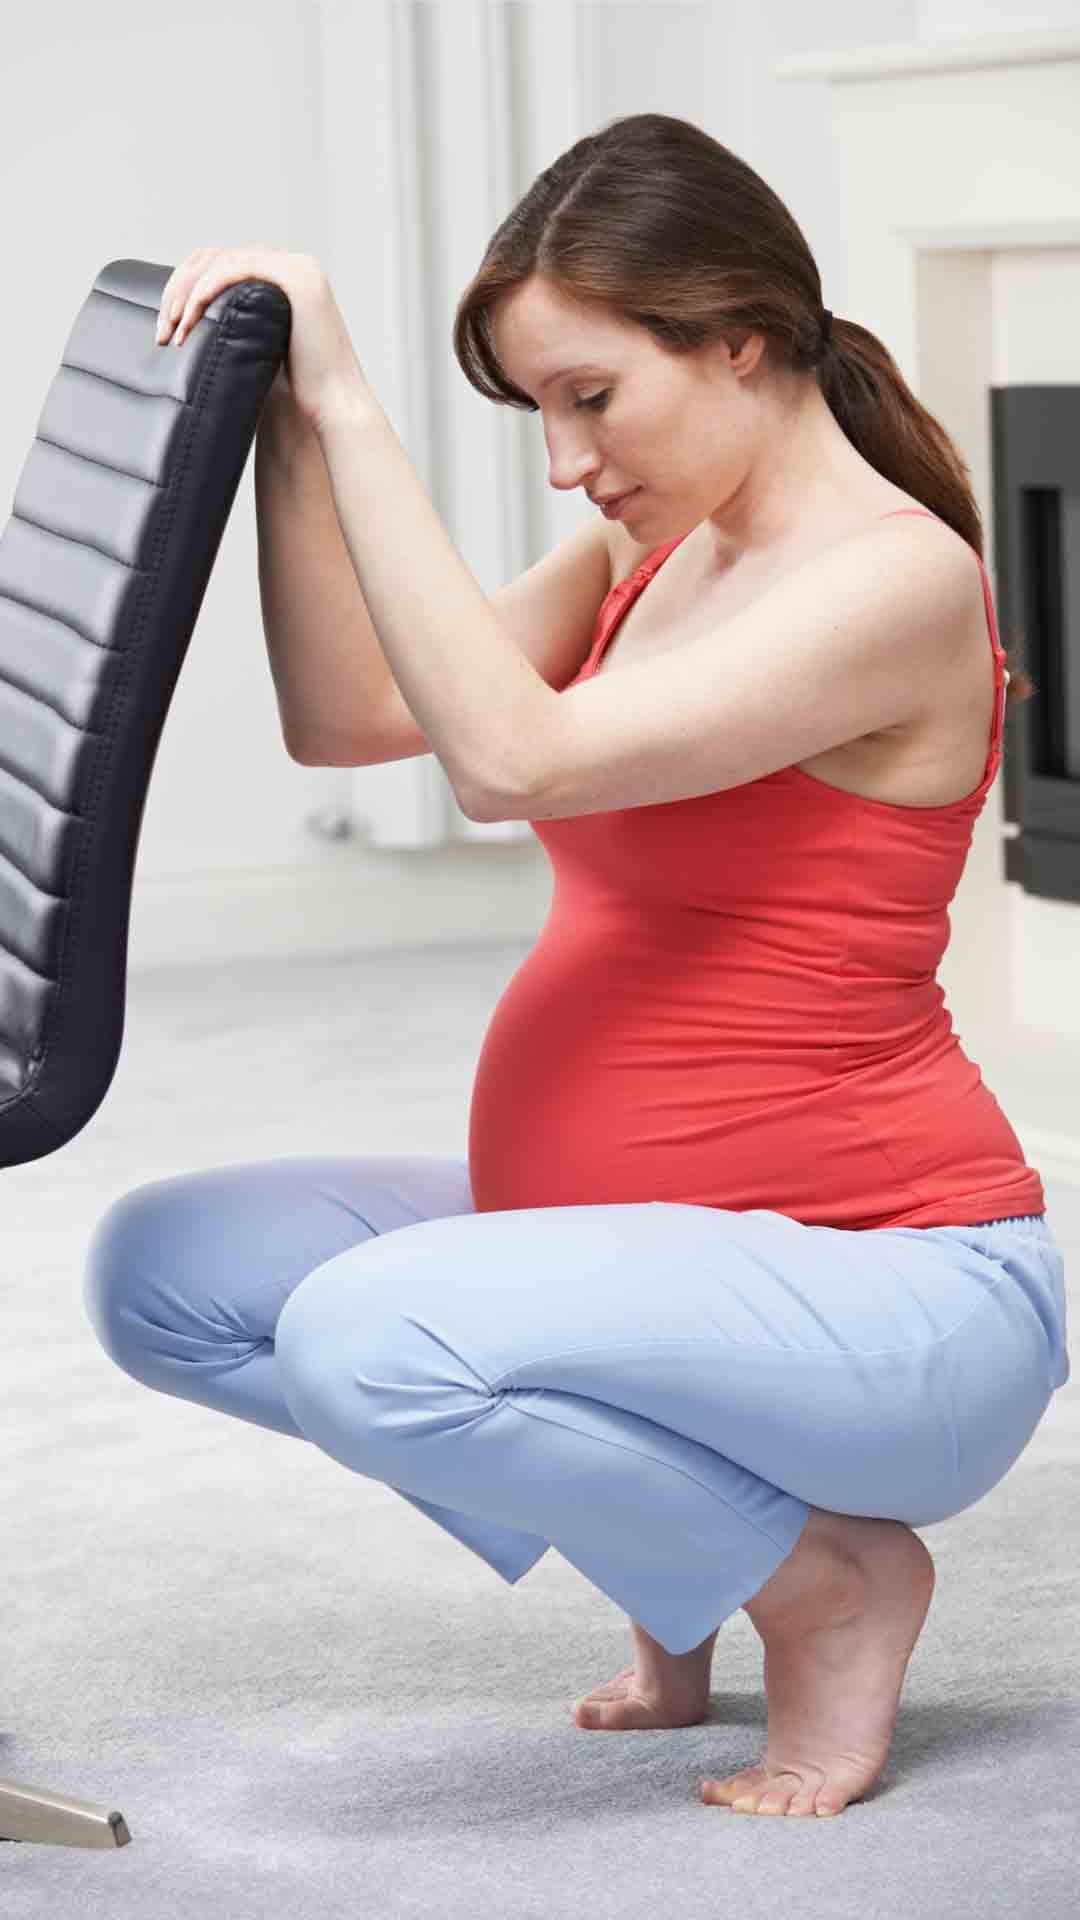 تمارين القرفصاء للحامل - تمرين القرفصاء مع الكرسي